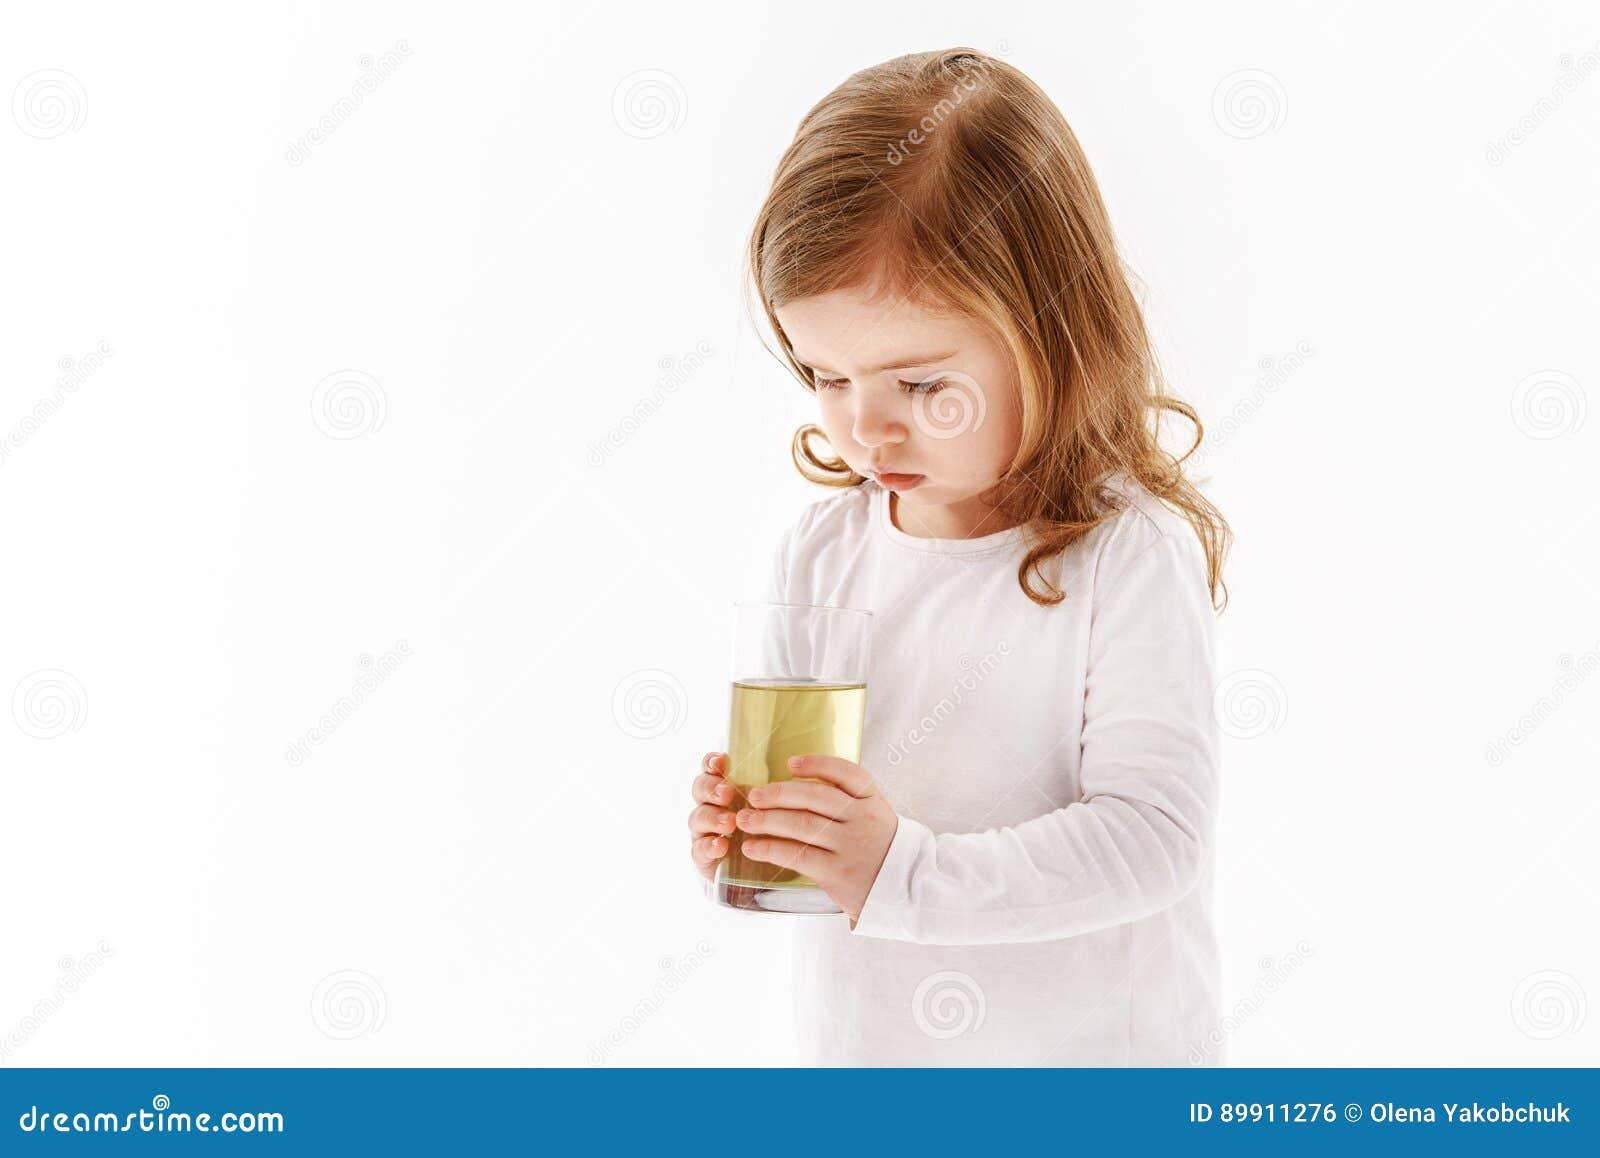 Ποτήρι εκμετάλλευσης παιδιών του βρώμικου νερού